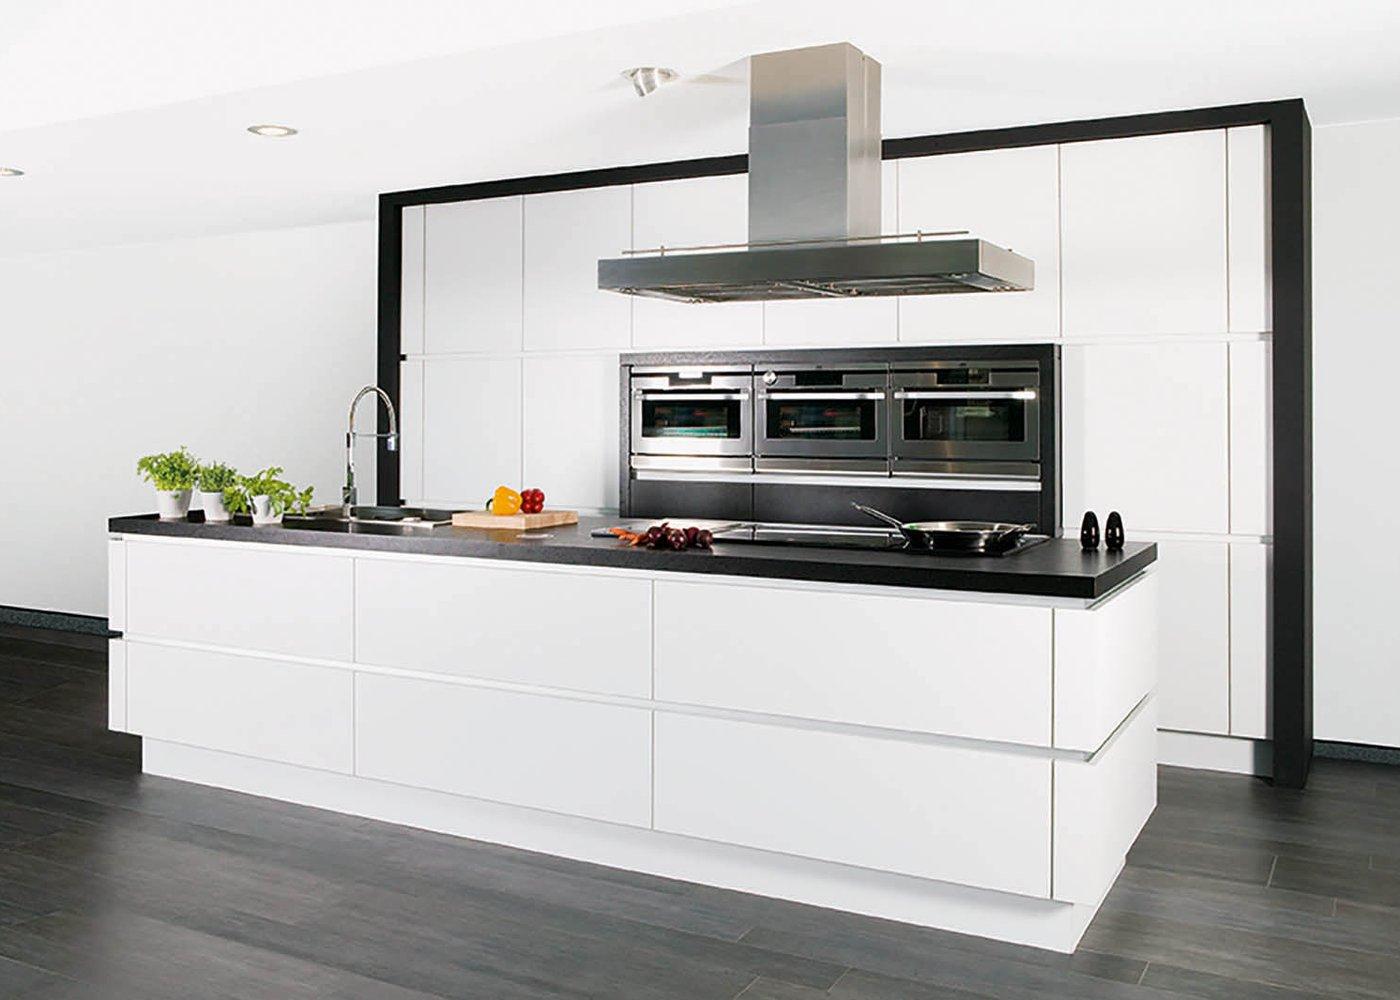 Cuisine moderne en stratifié blanc - Modèle Design